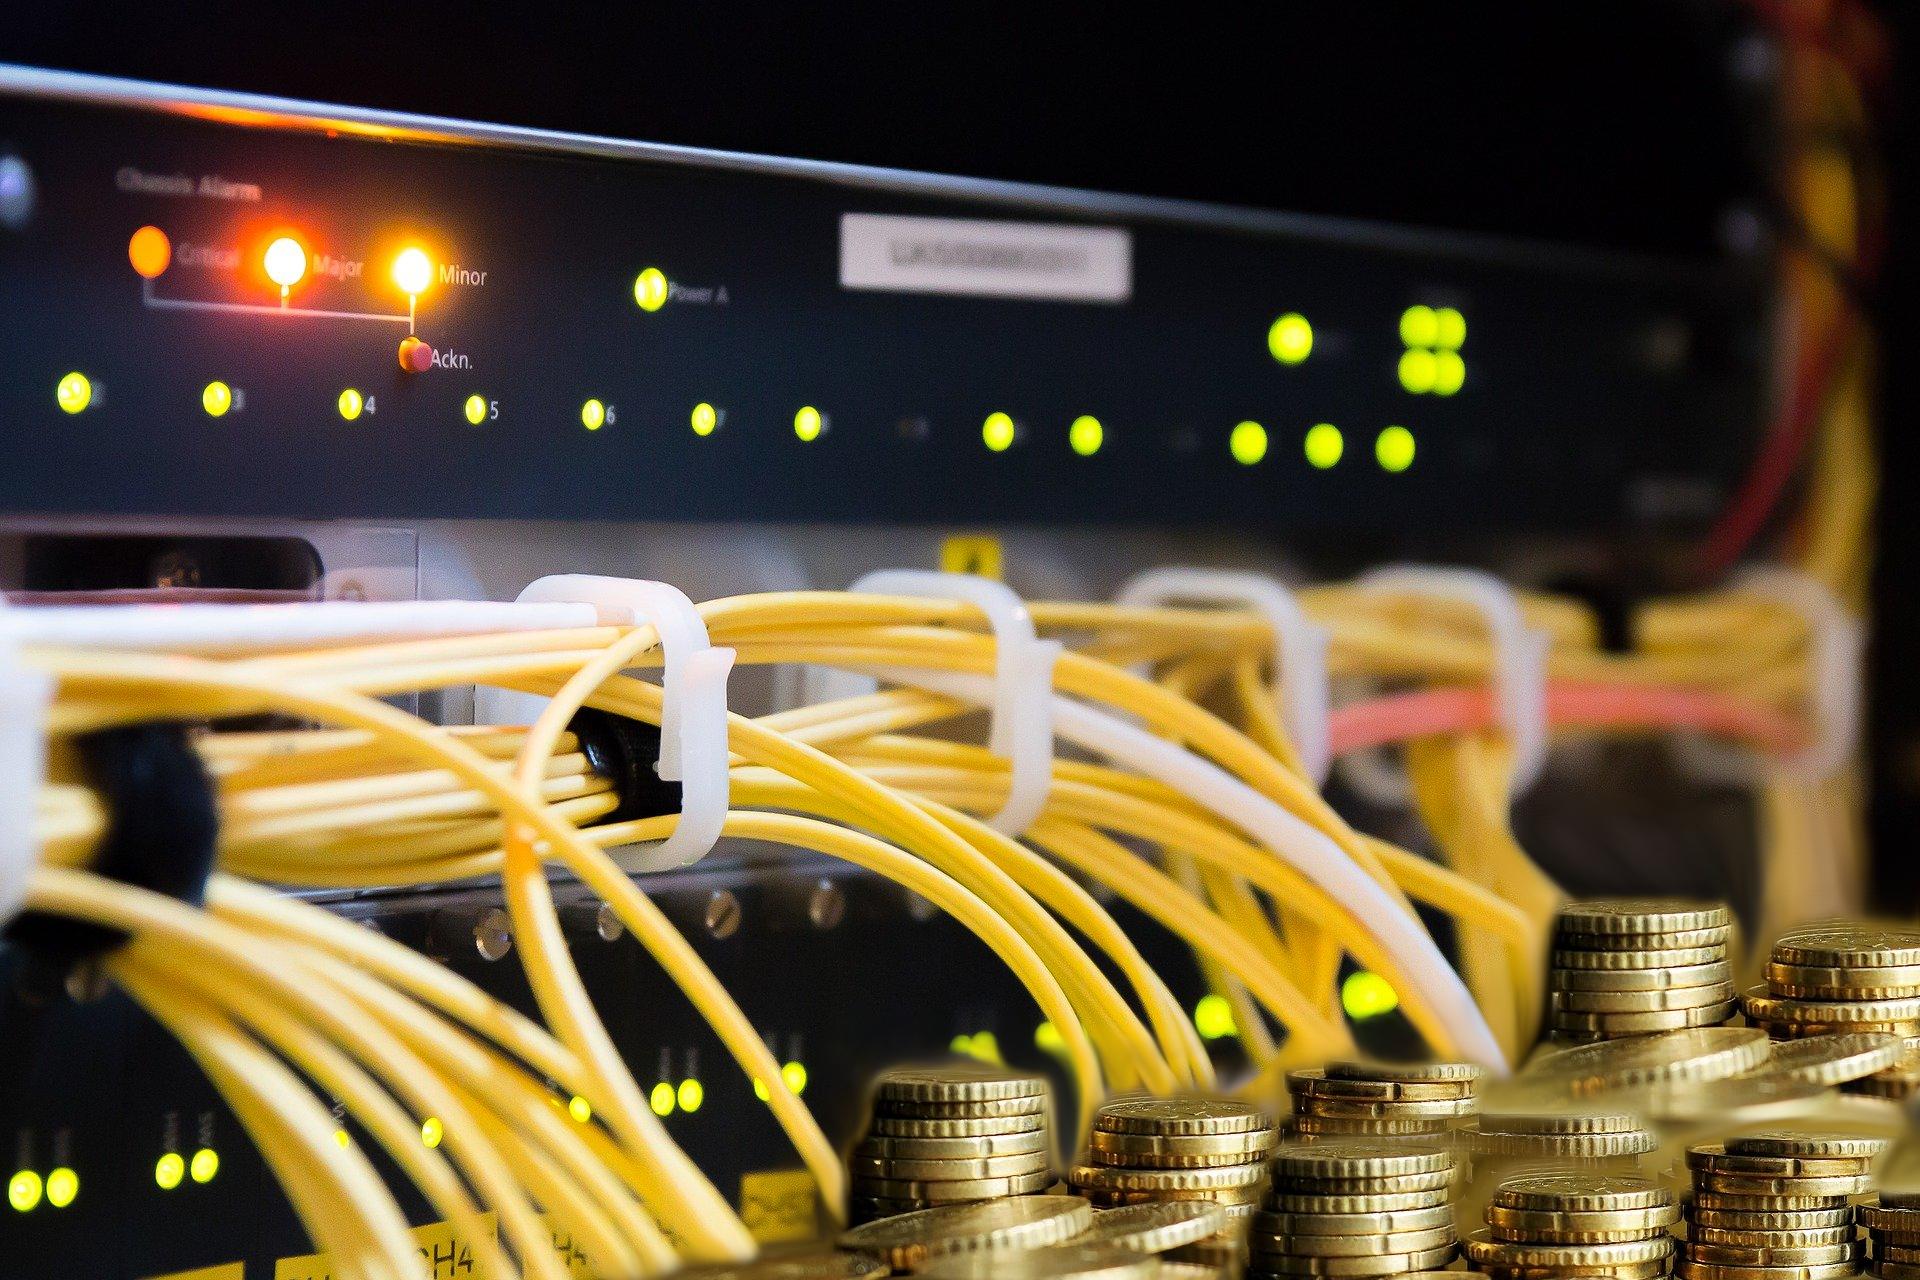 Service - Datenbanken und Förderungen